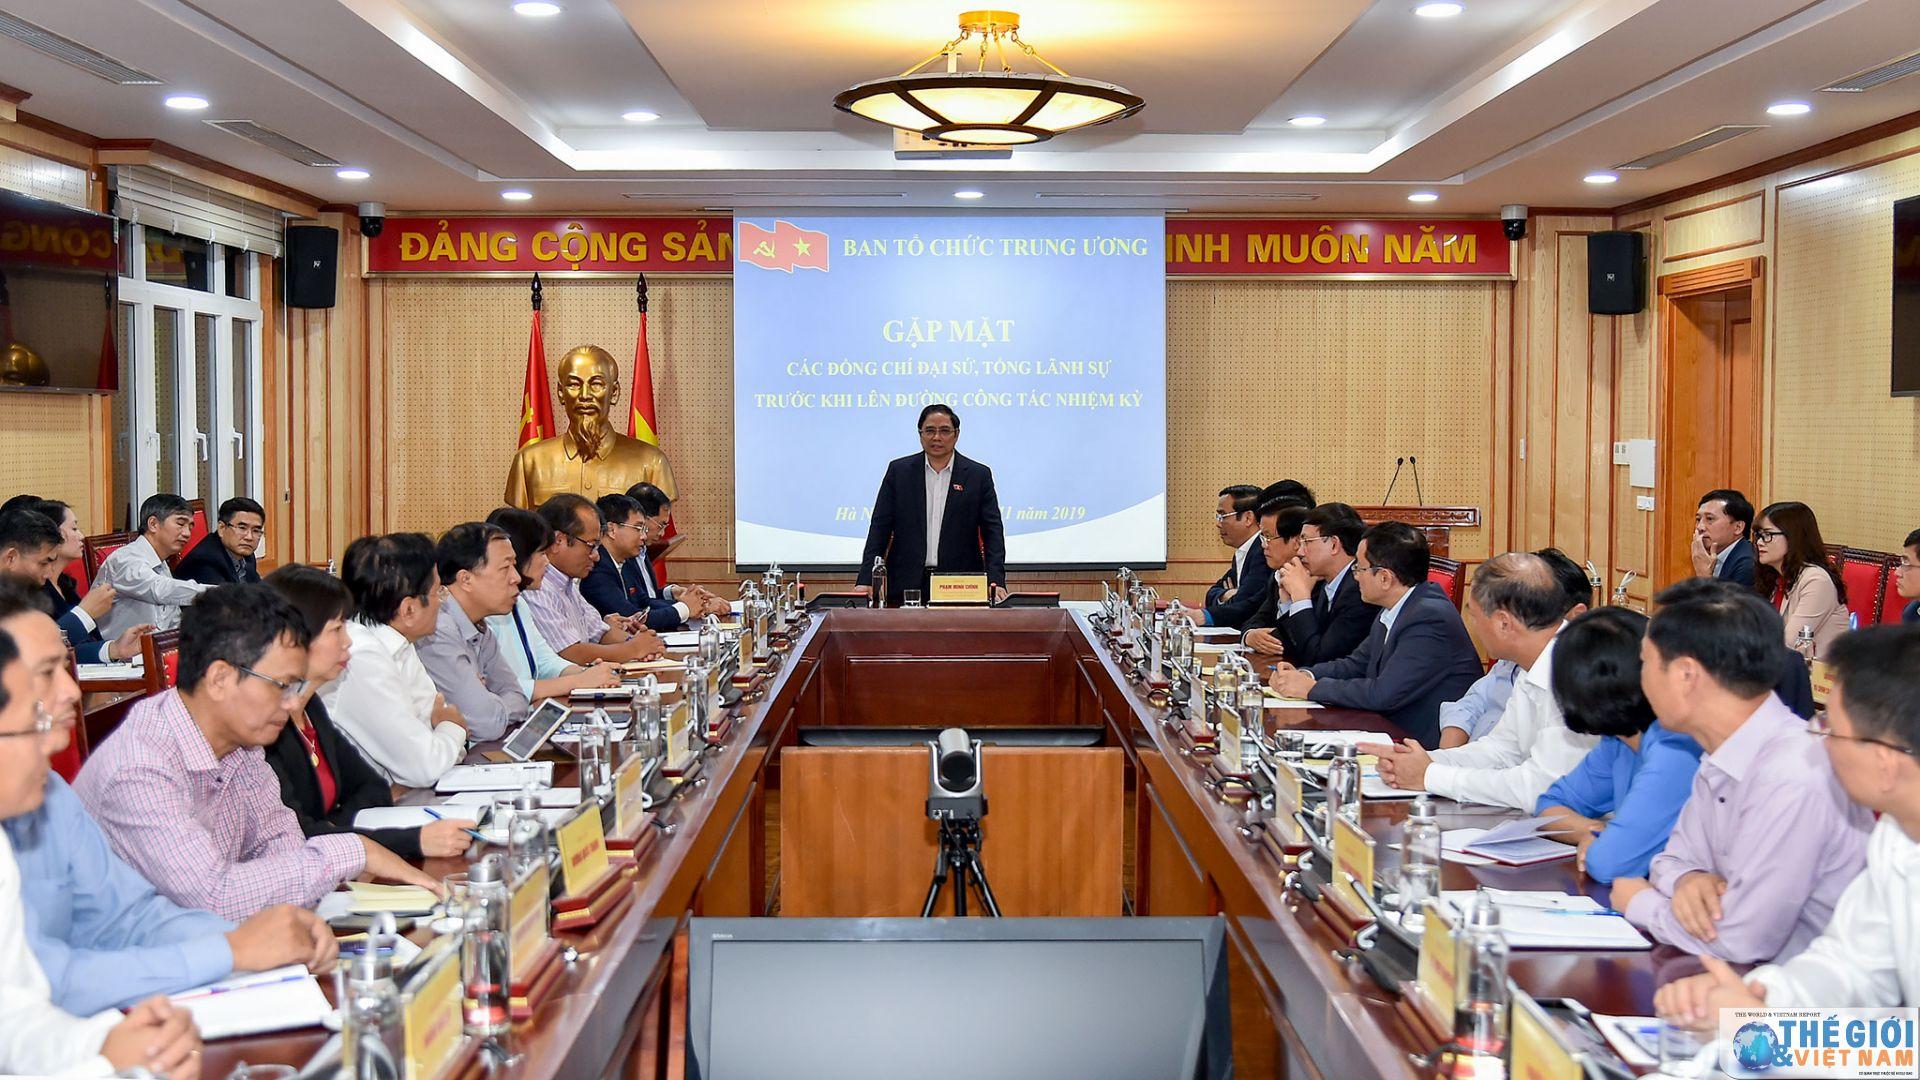 Trưởng ban Tổ chức Trung ương gặp mặt các Đại sứ, Tổng Lãnh sự nhiệm kỳ 2019 - 2022